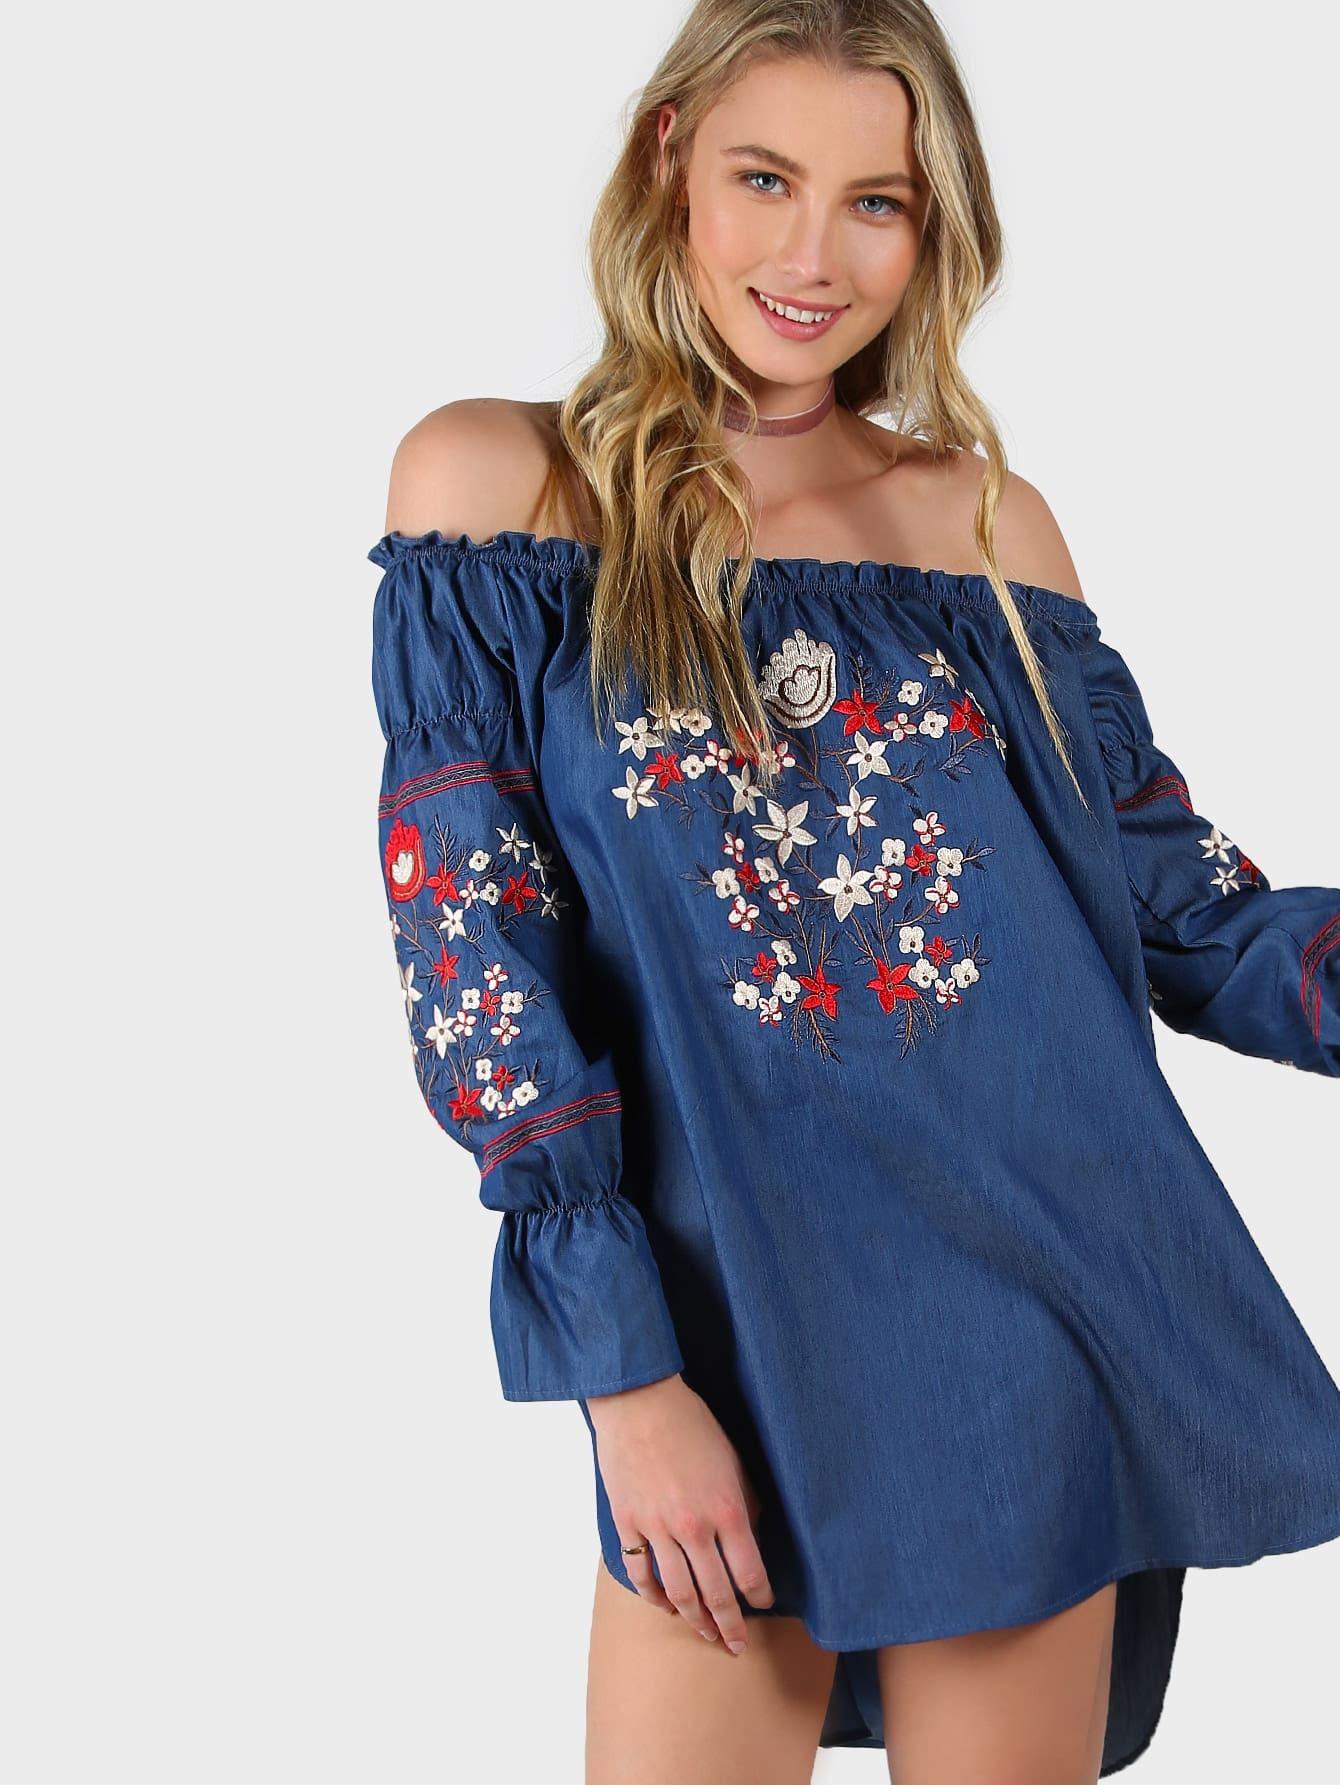 dress161123725_2